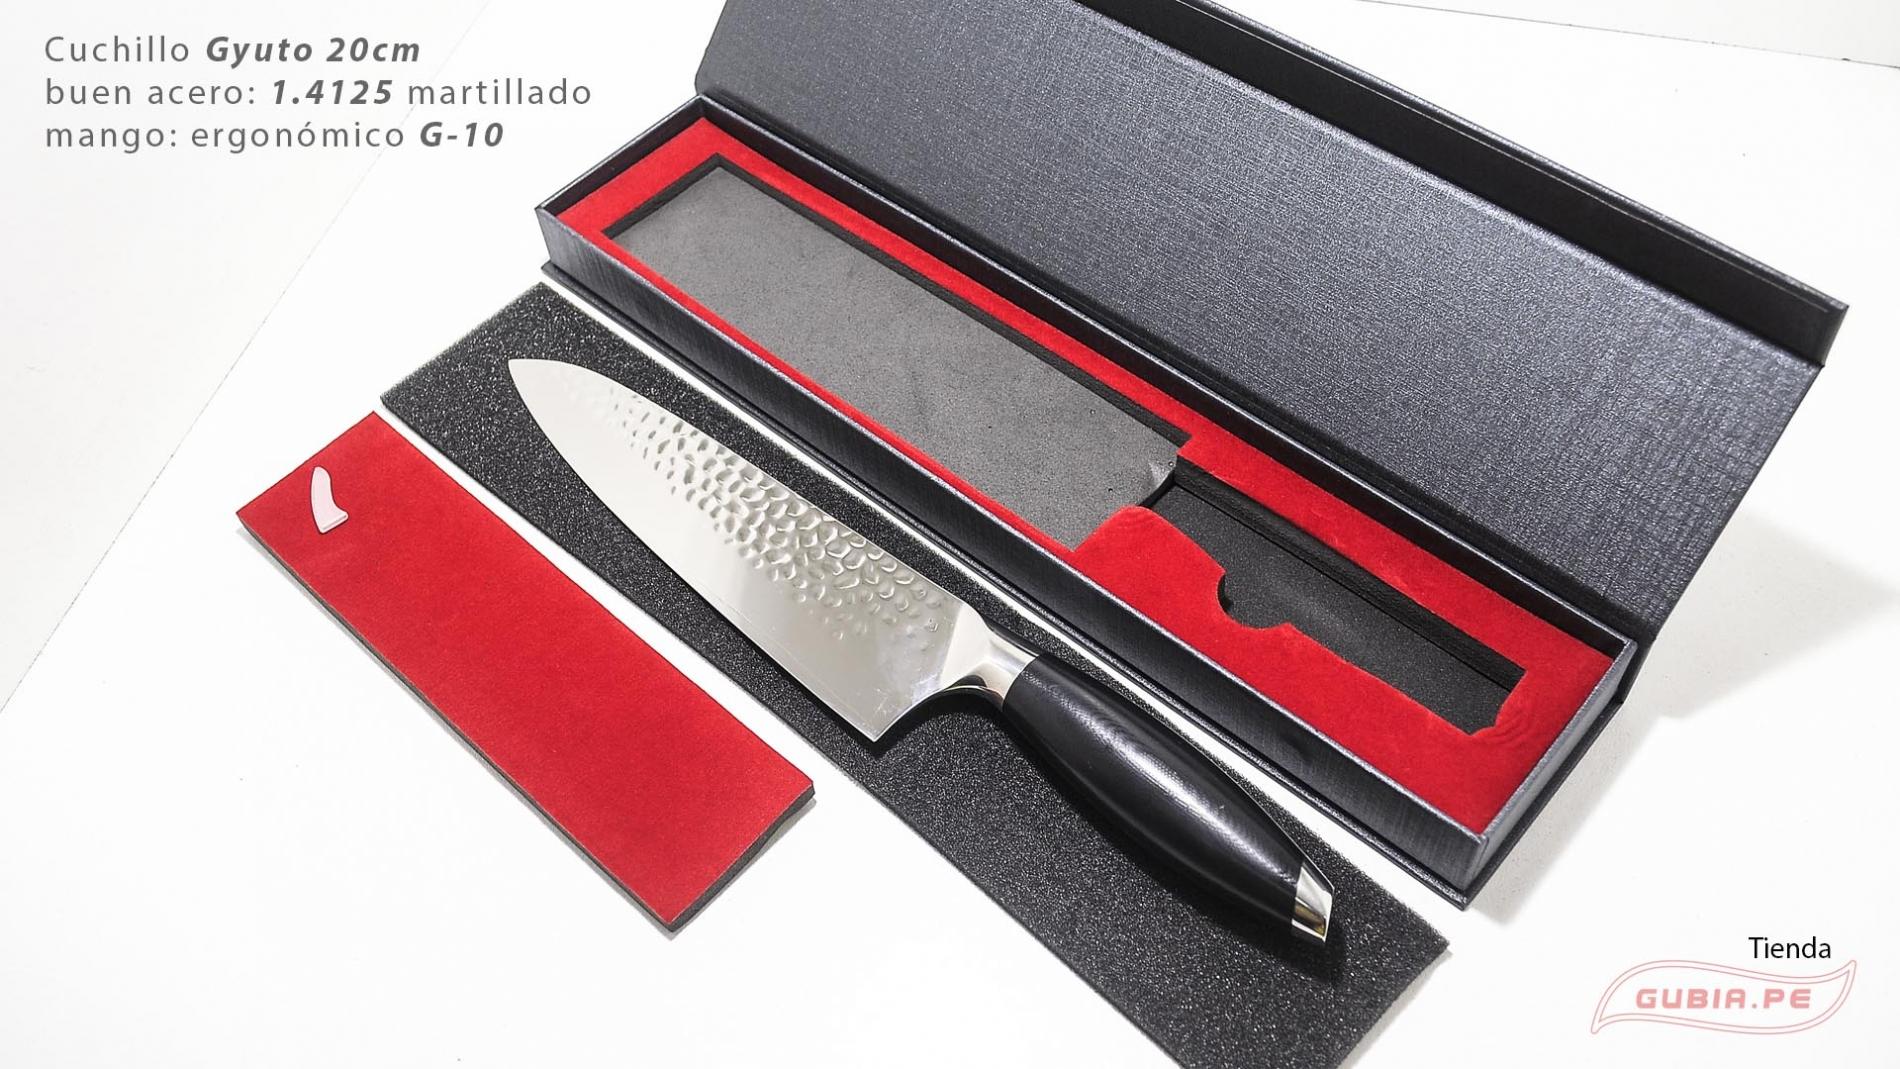 B12sG20-Cuchillo Gyuto 20cm acero 440c martillado B12sG20-max-8.